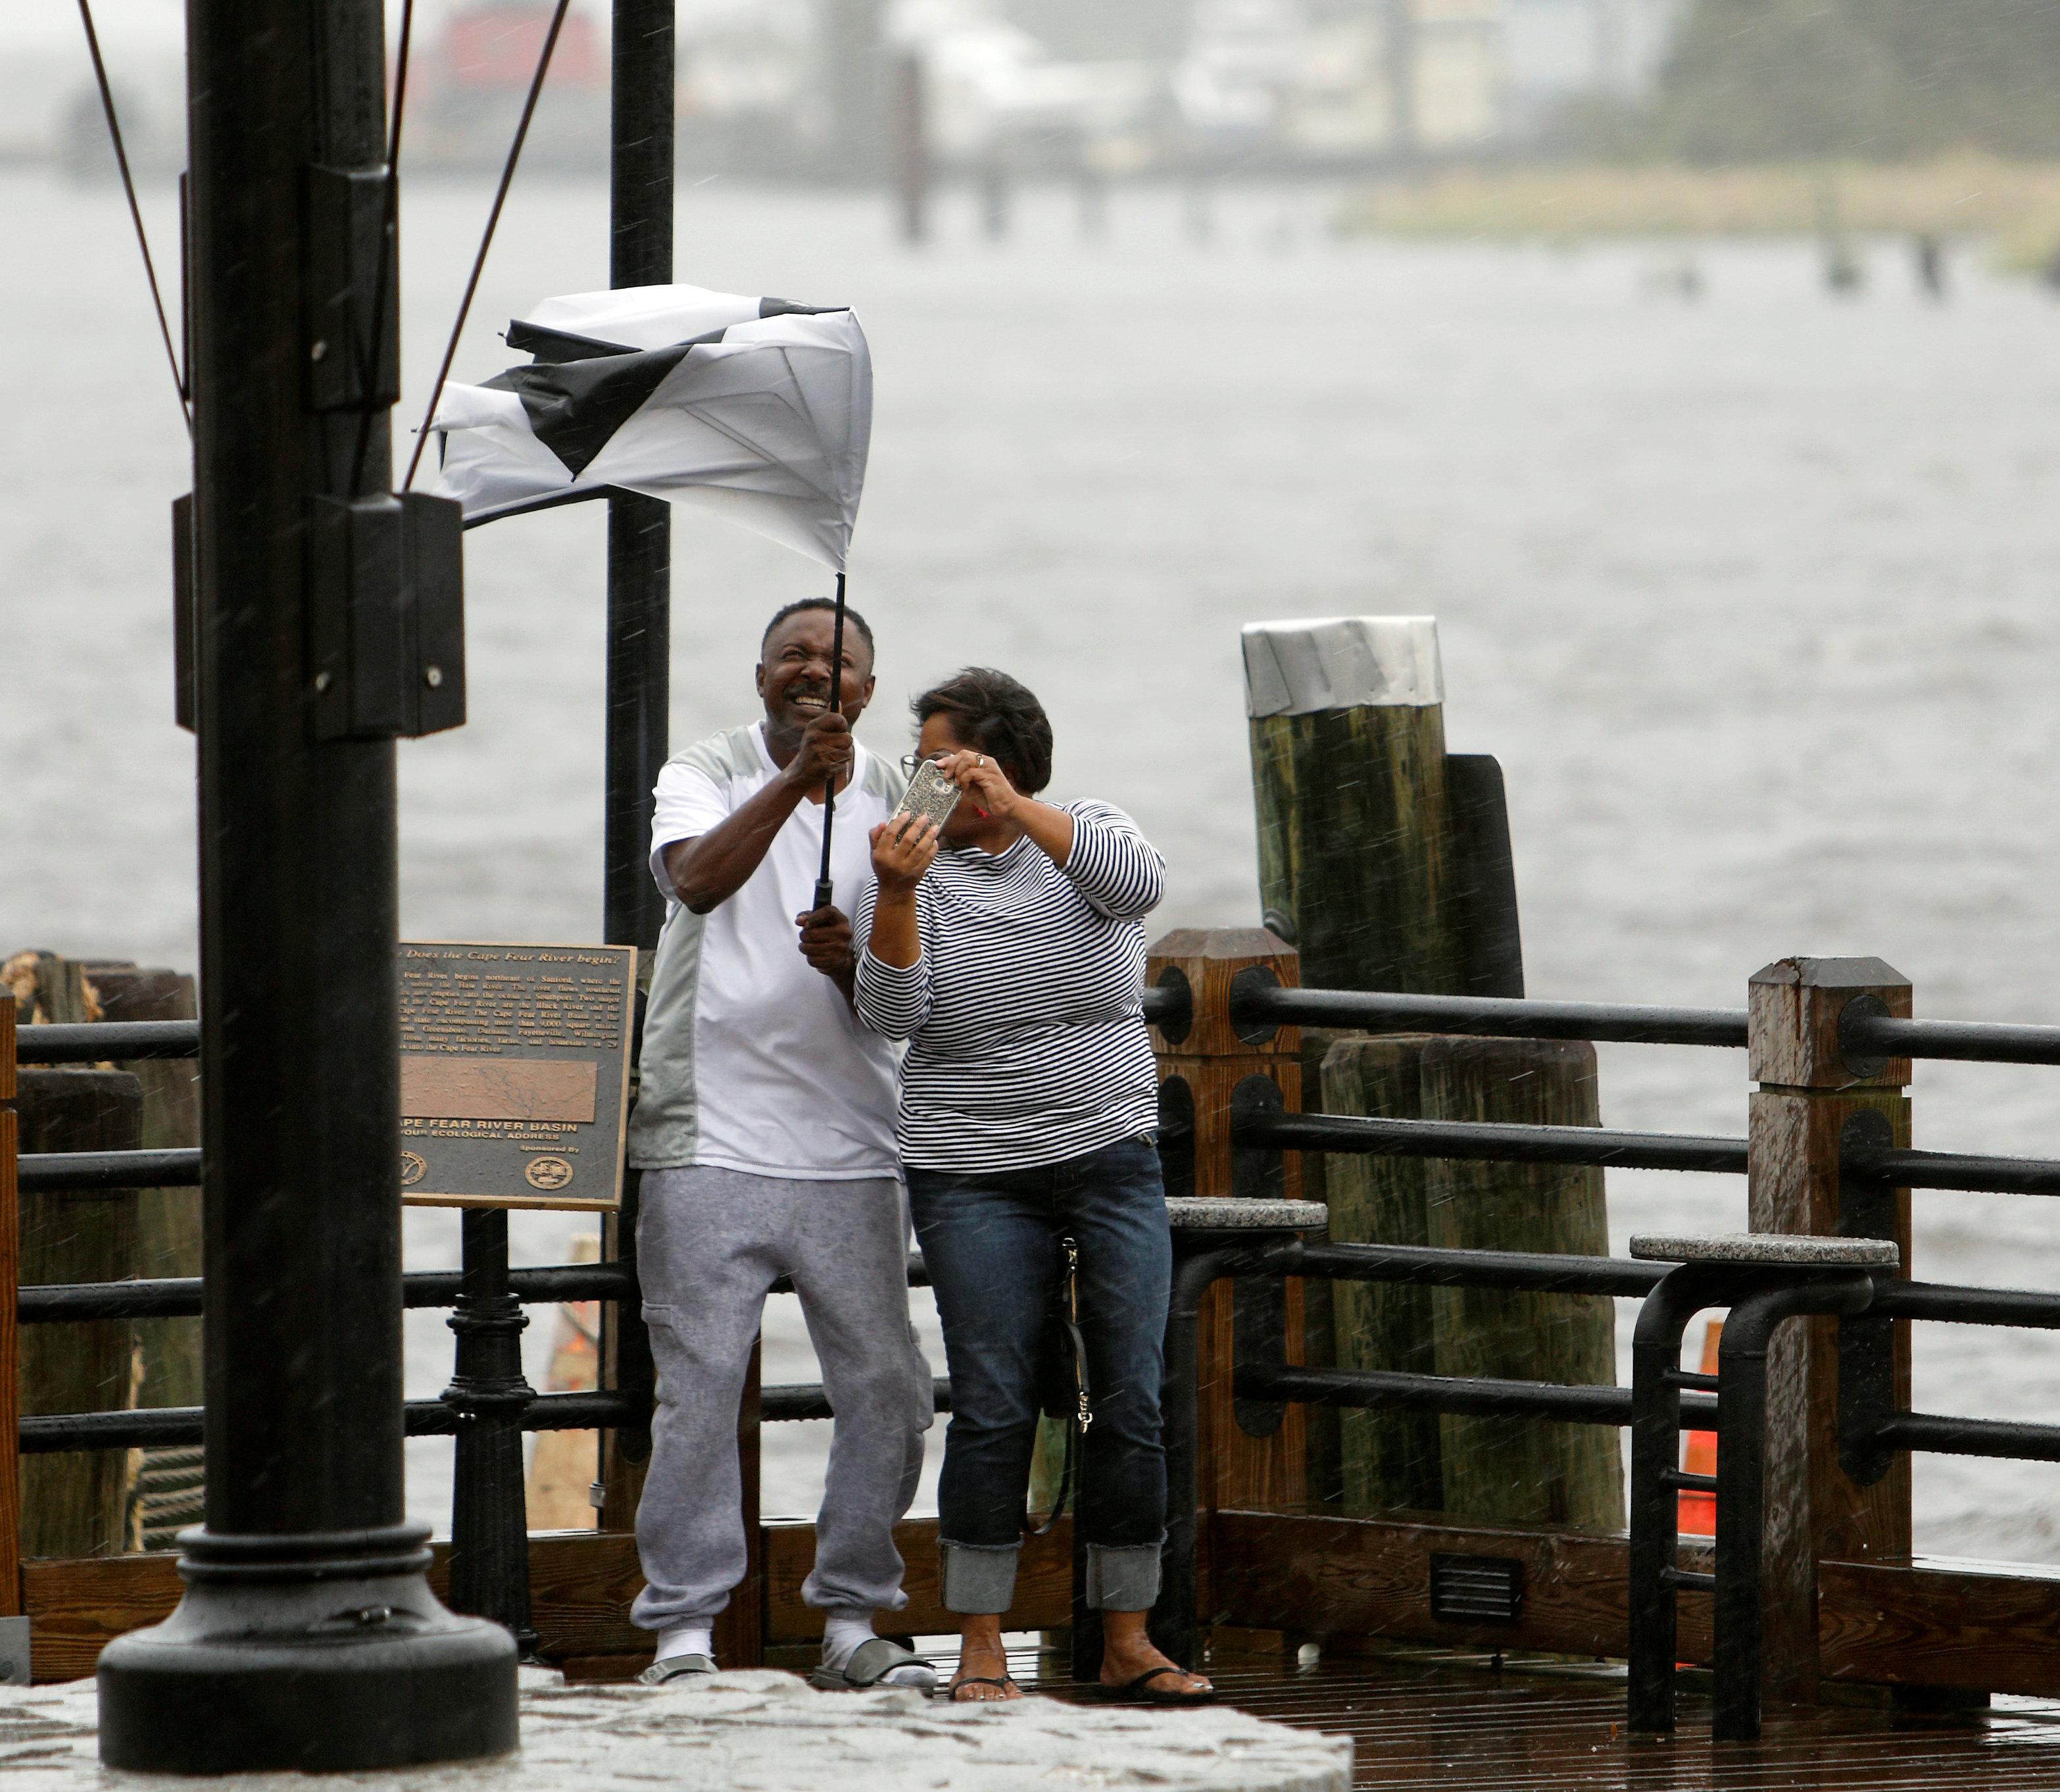 رجل وامرأة يحاولان التقاط صورة اثناء وصول الرياح القوية المرافقة لاعصار فلورنس